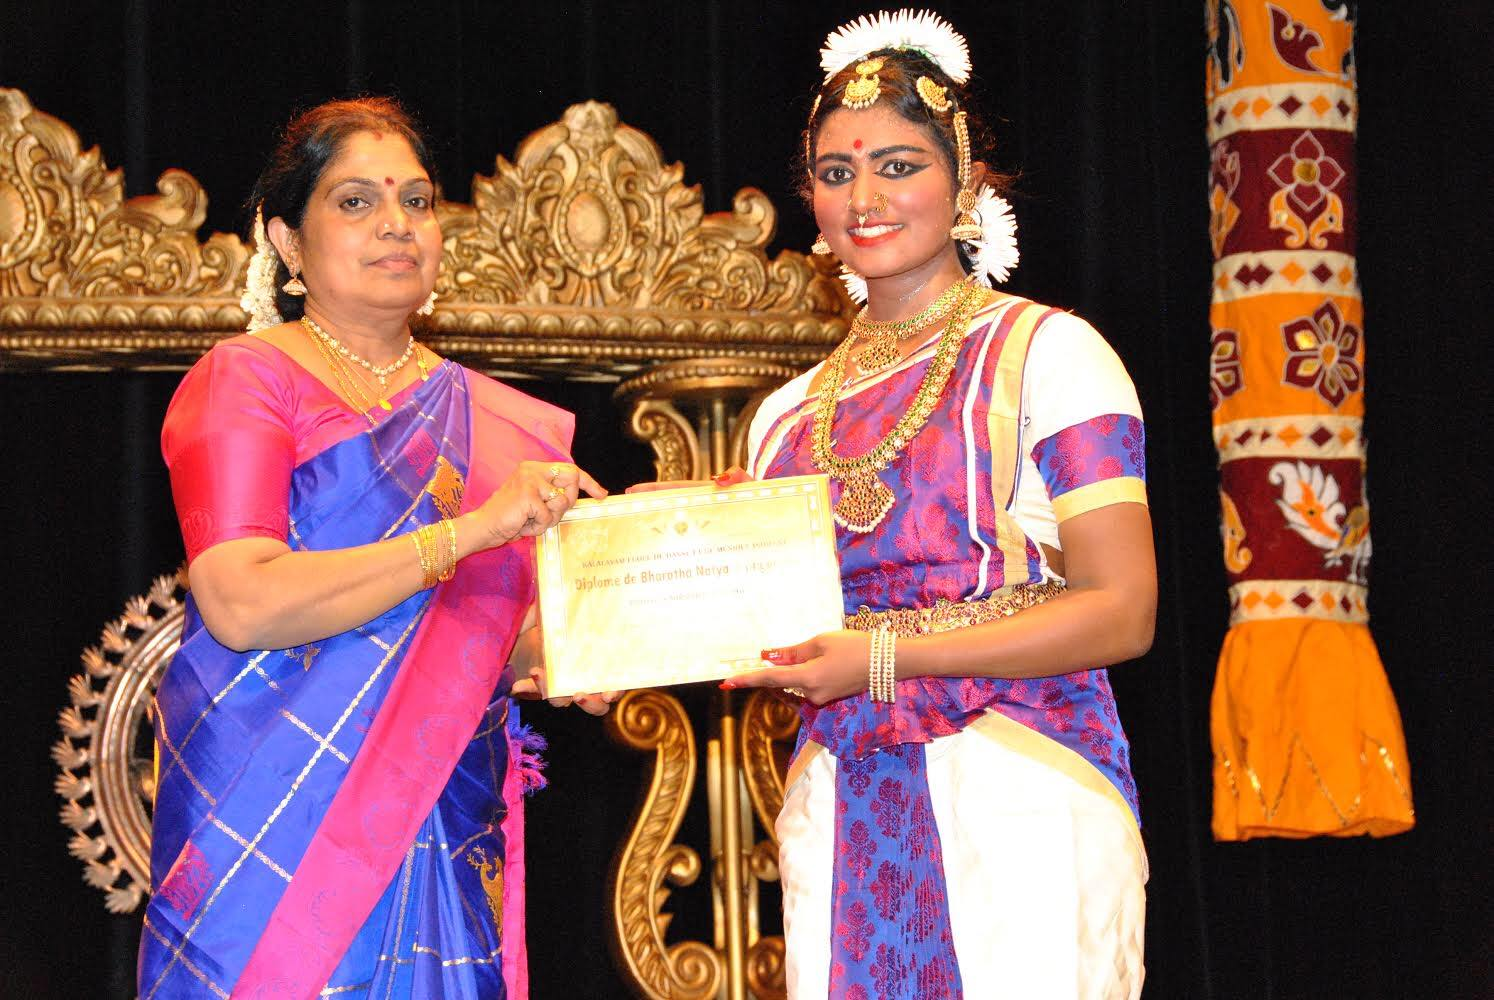 கௌசலா ஆனந்தராஜா அவர்கள் தனது 50 வது அரங்கேற்ற மாணவியை மேடையேற்றி னார்.